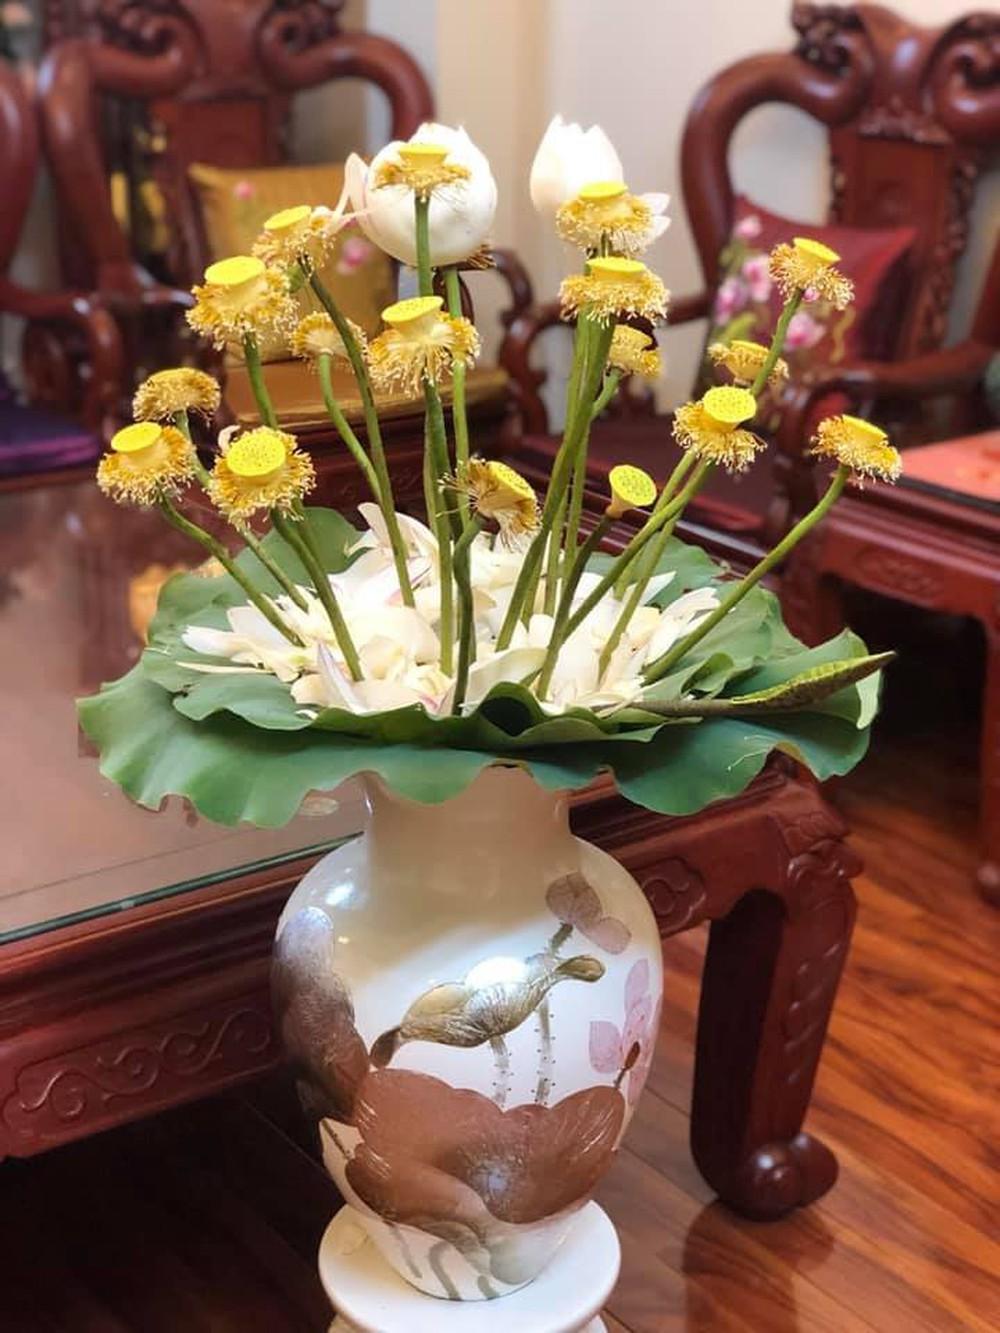 Sáng sớm cắm bình hoa đẹp nức nở, cuối ngày người mẹ giận tím mặt vì cảnh tượng con trai gây ra - Ảnh 5.